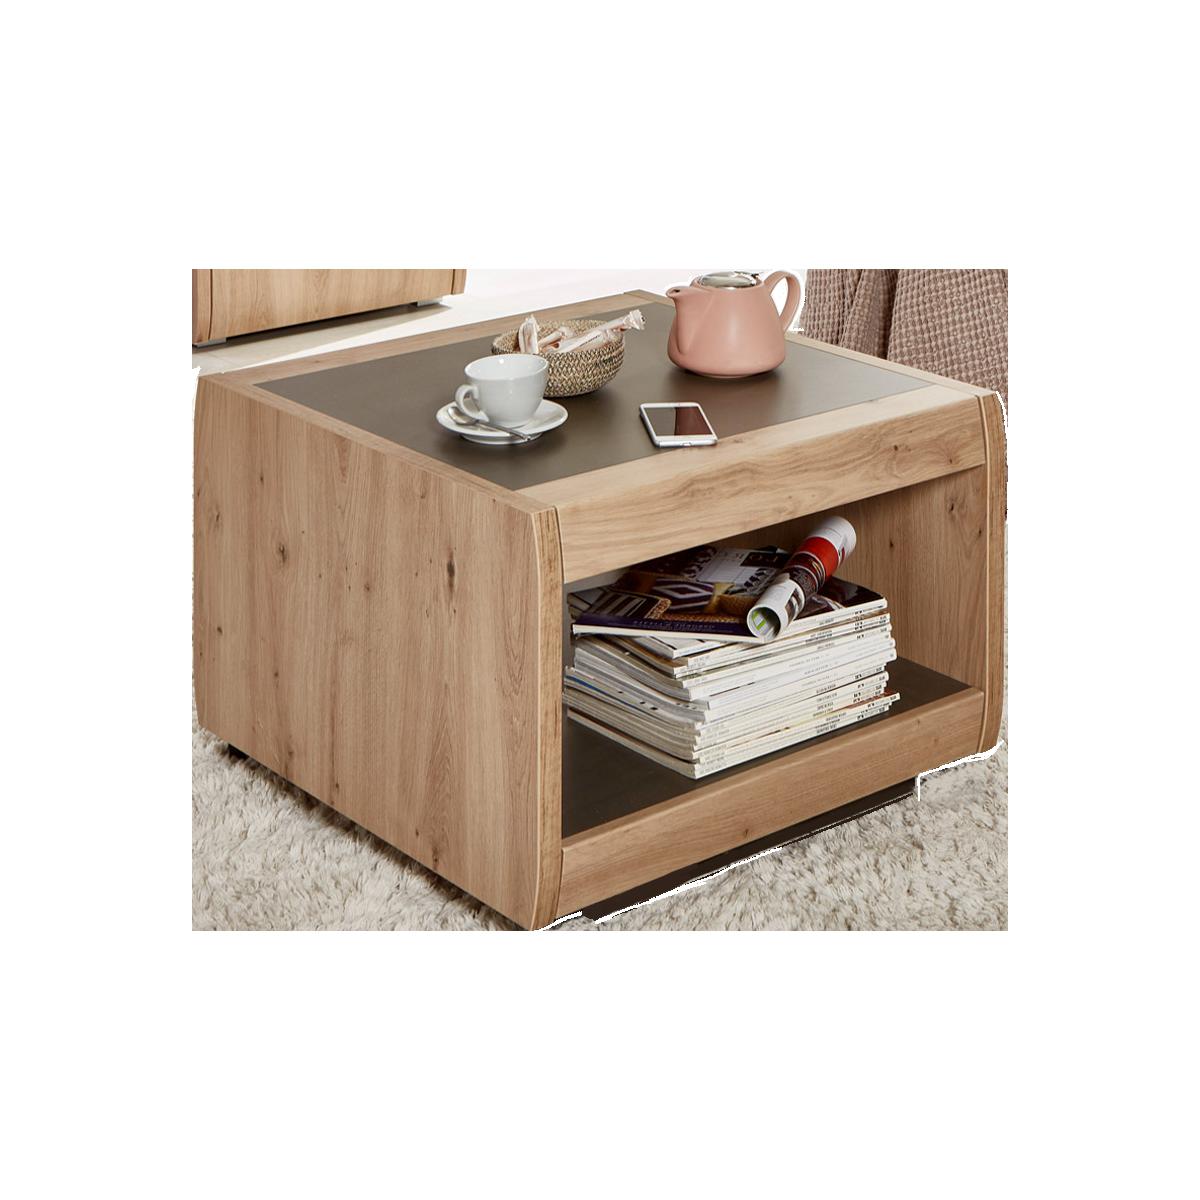 Häufig Ideal-Möbel Couchtisch Austin 70 mit zwei Fächern in Dekor RC68